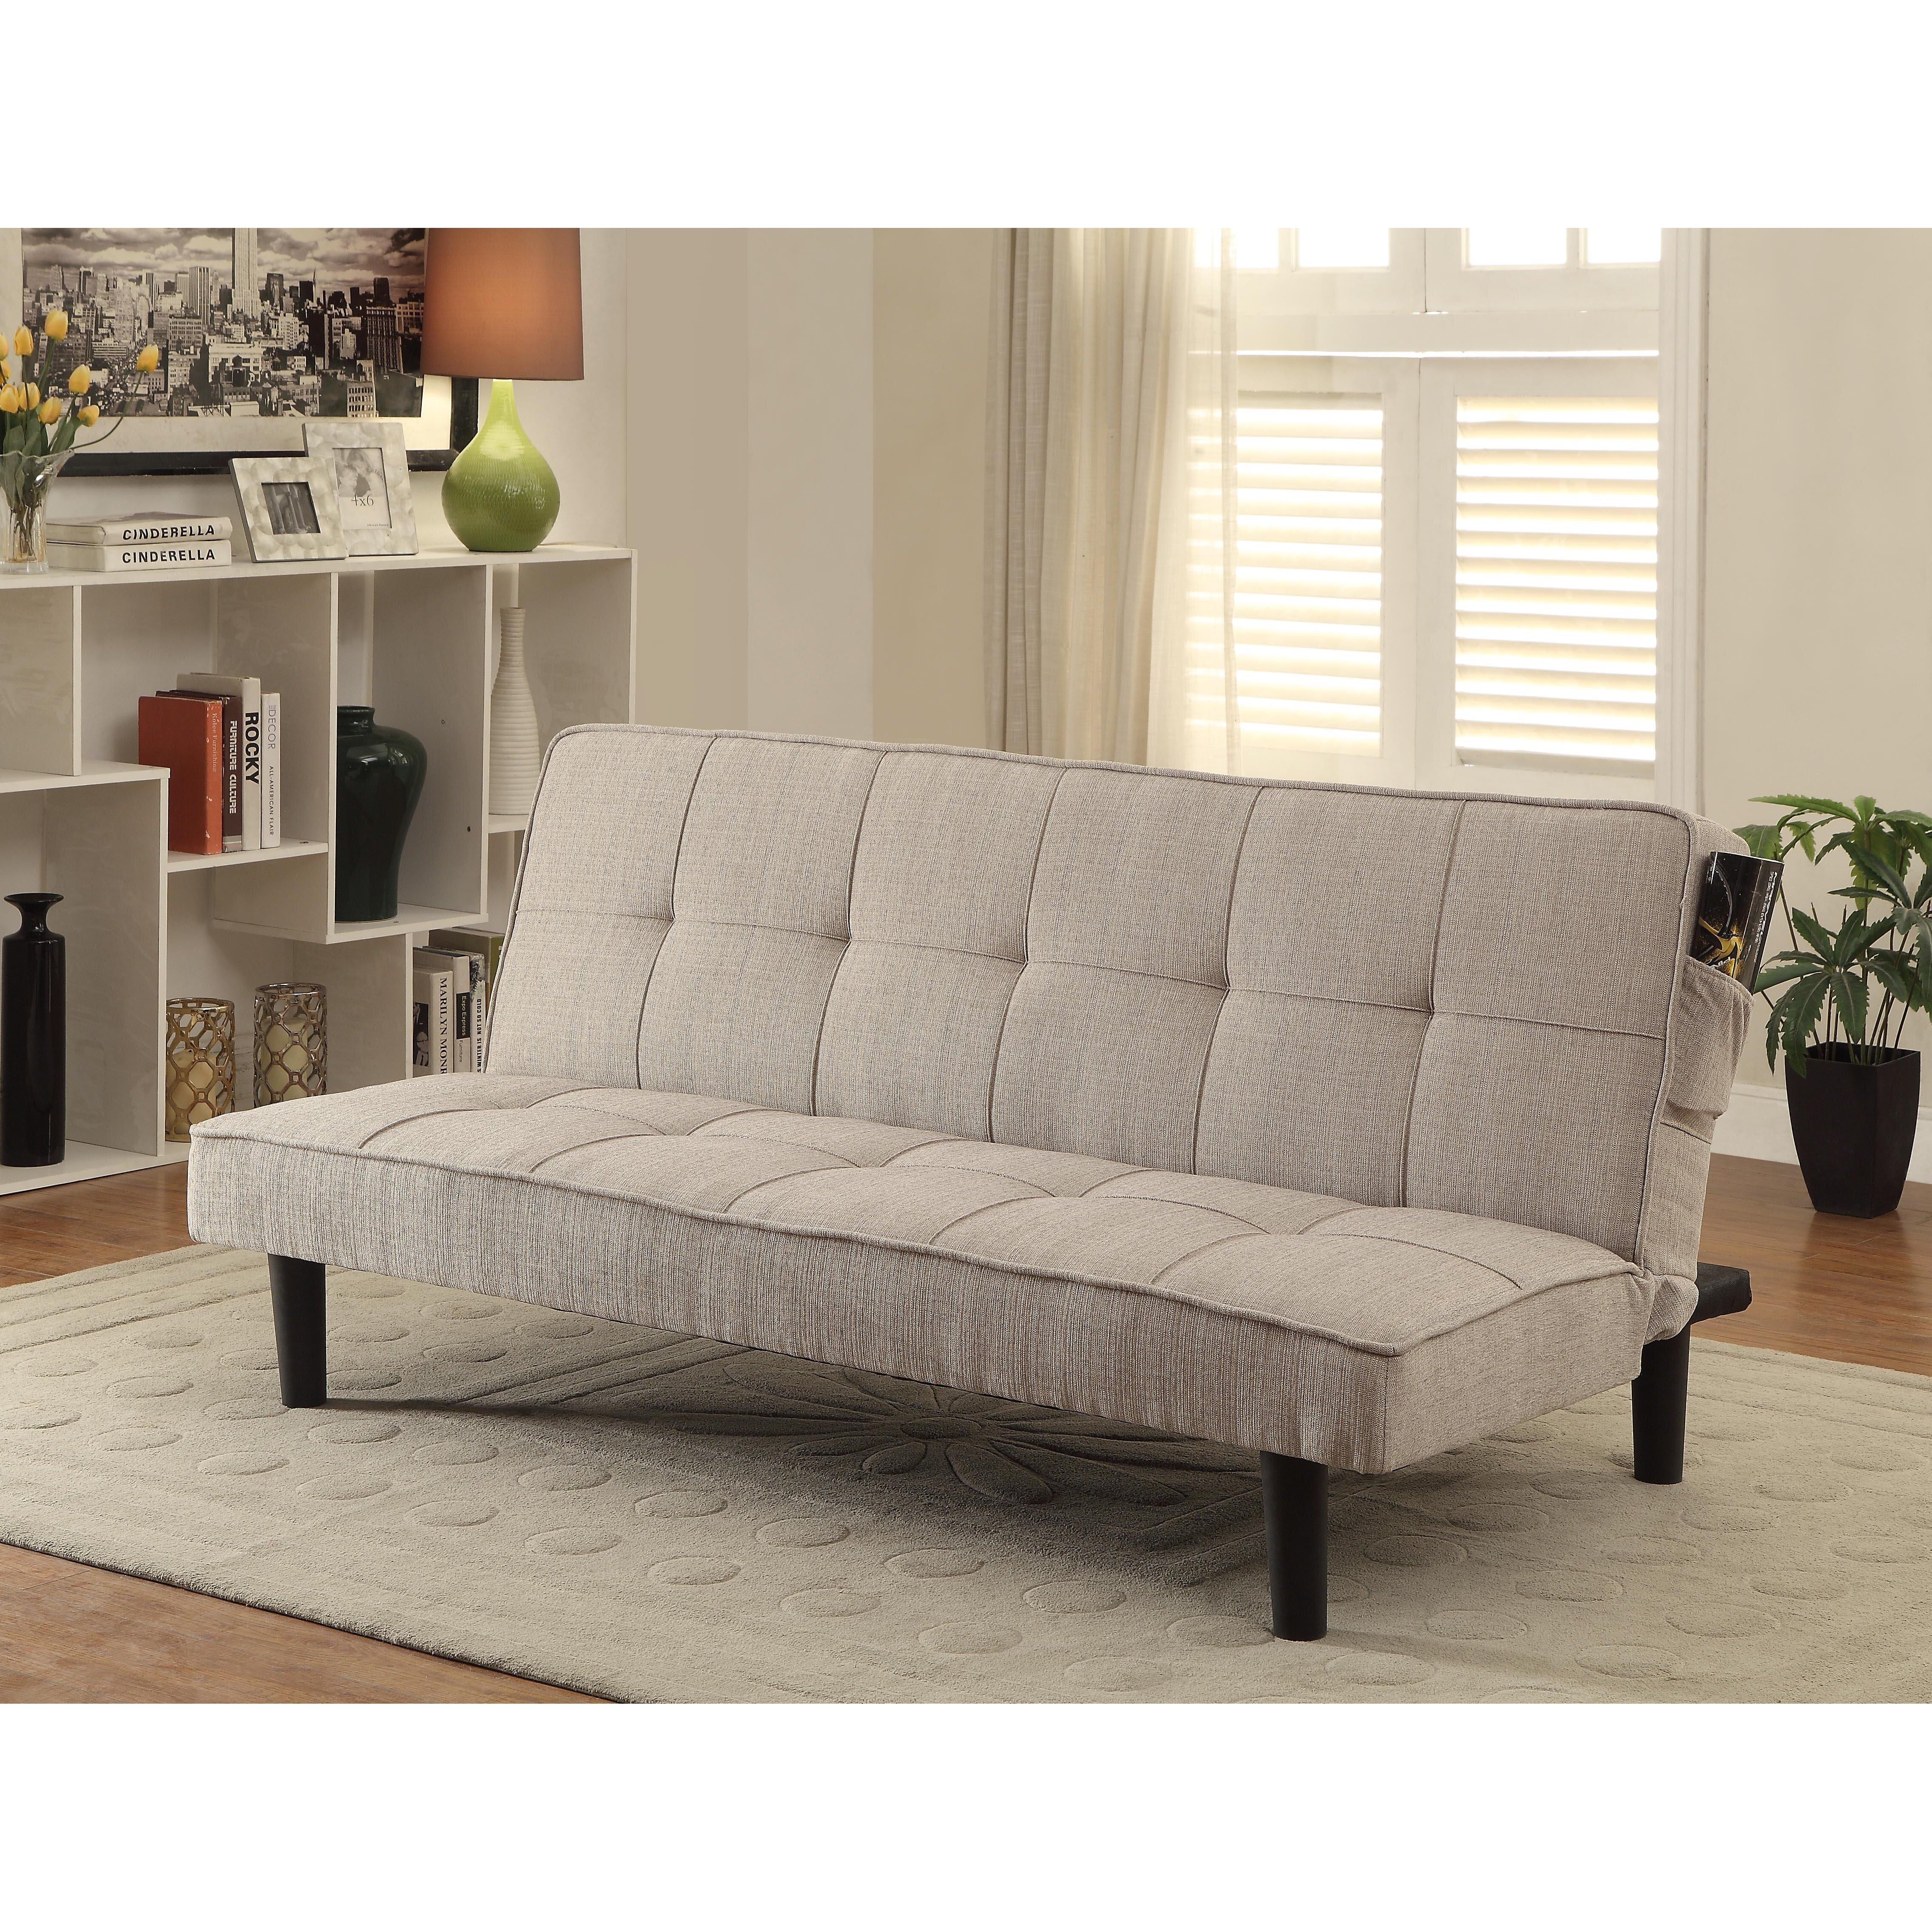 Klik klak futon dimensions